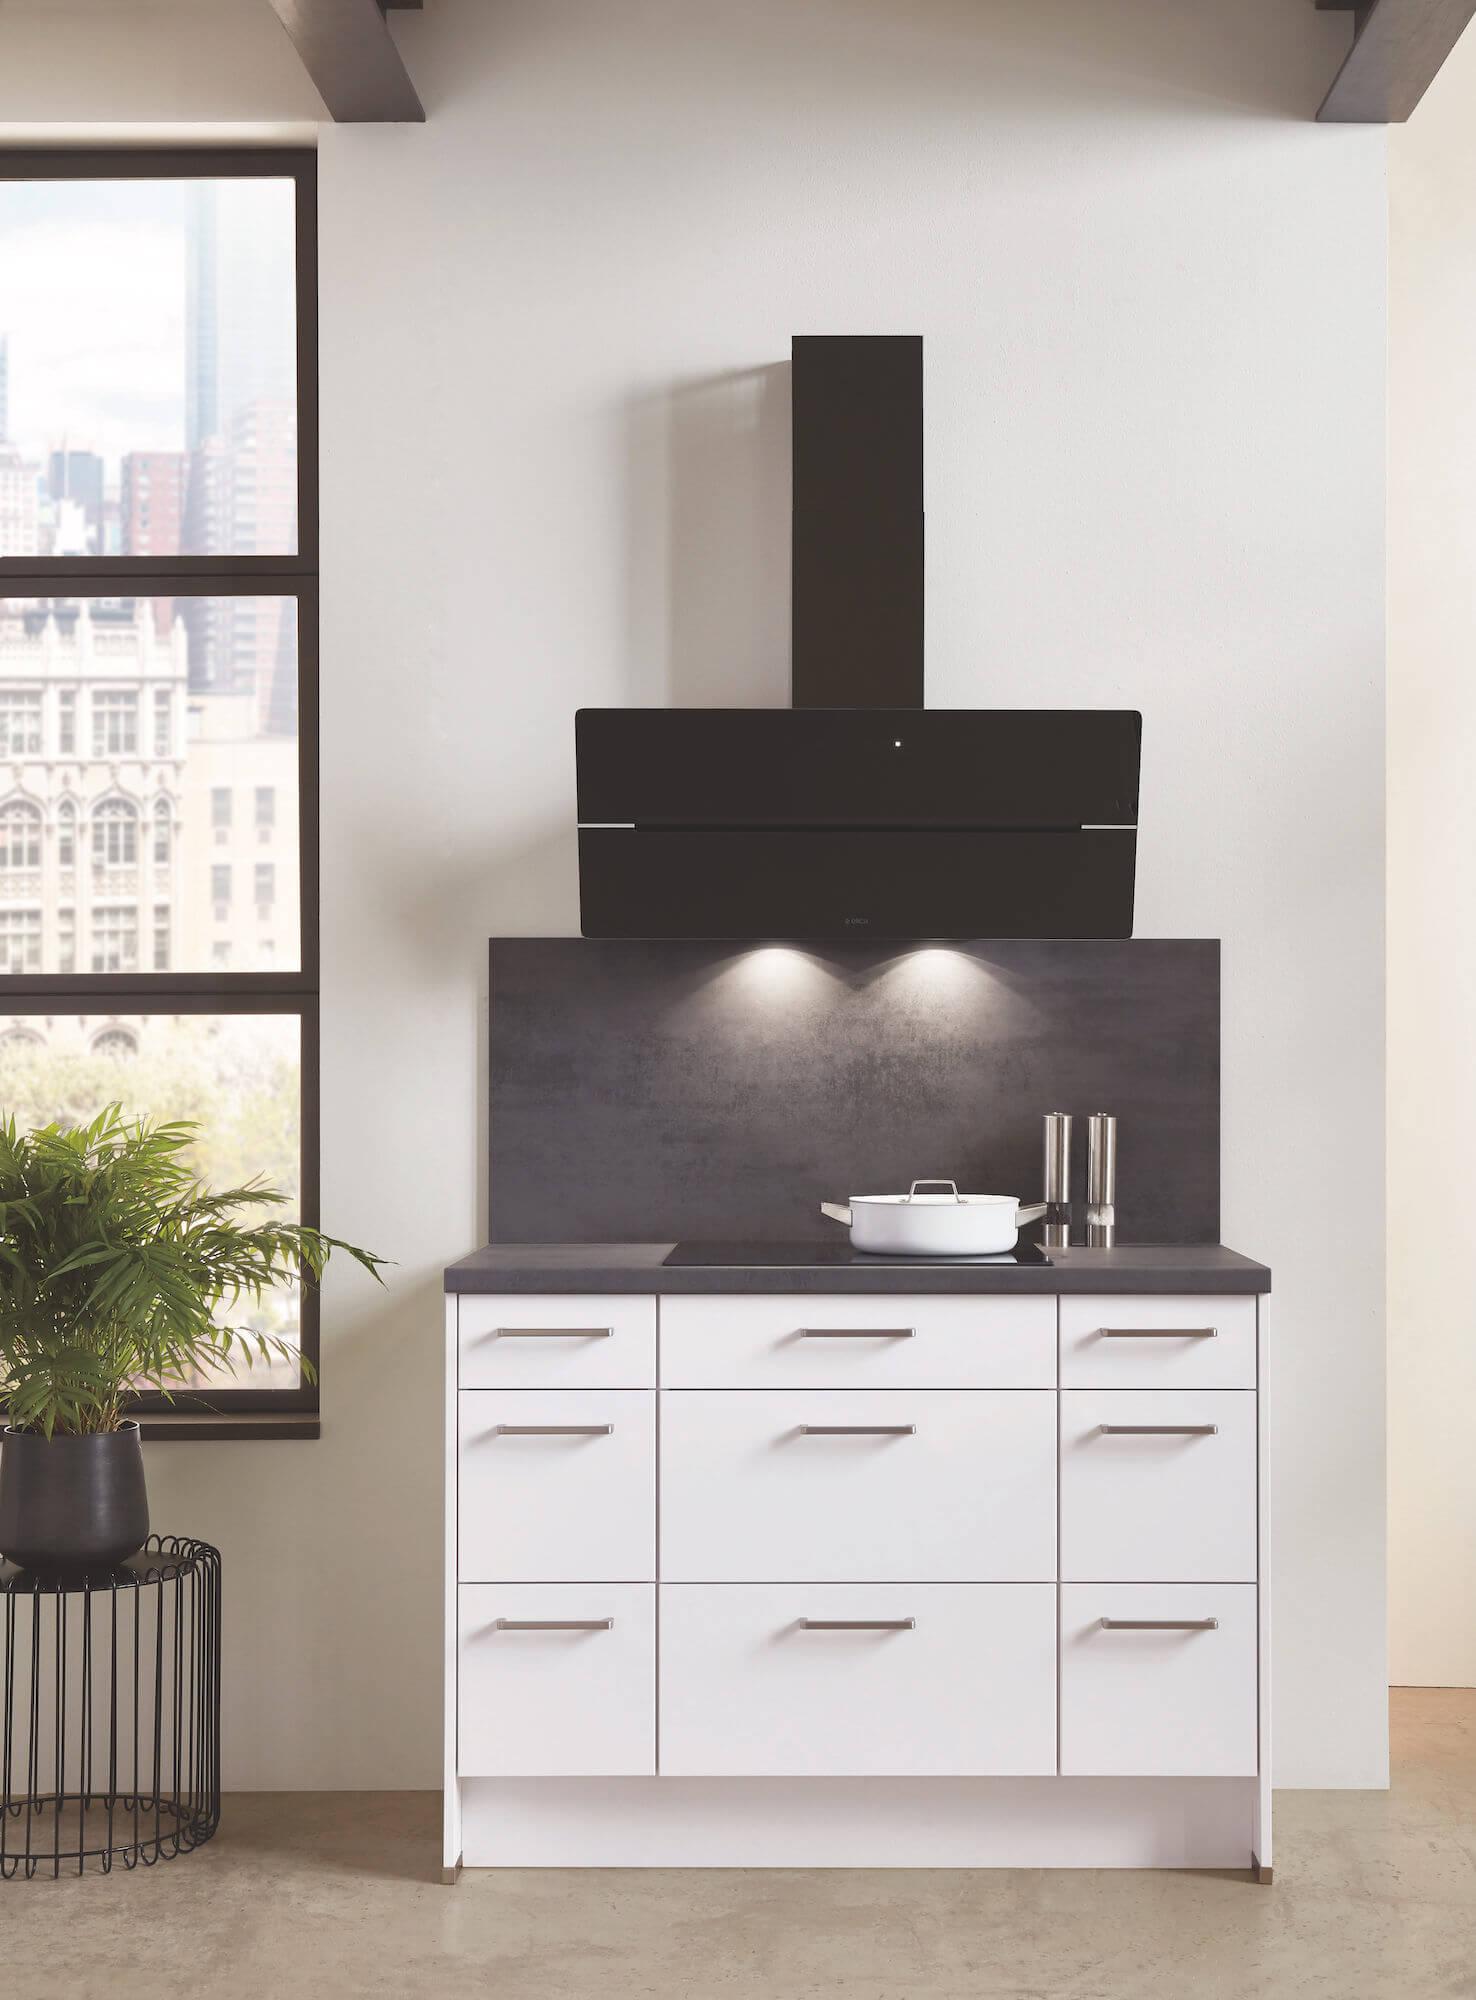 Nobilia Elements Moderne Küche Küchenblock Elica Kopffreihaube